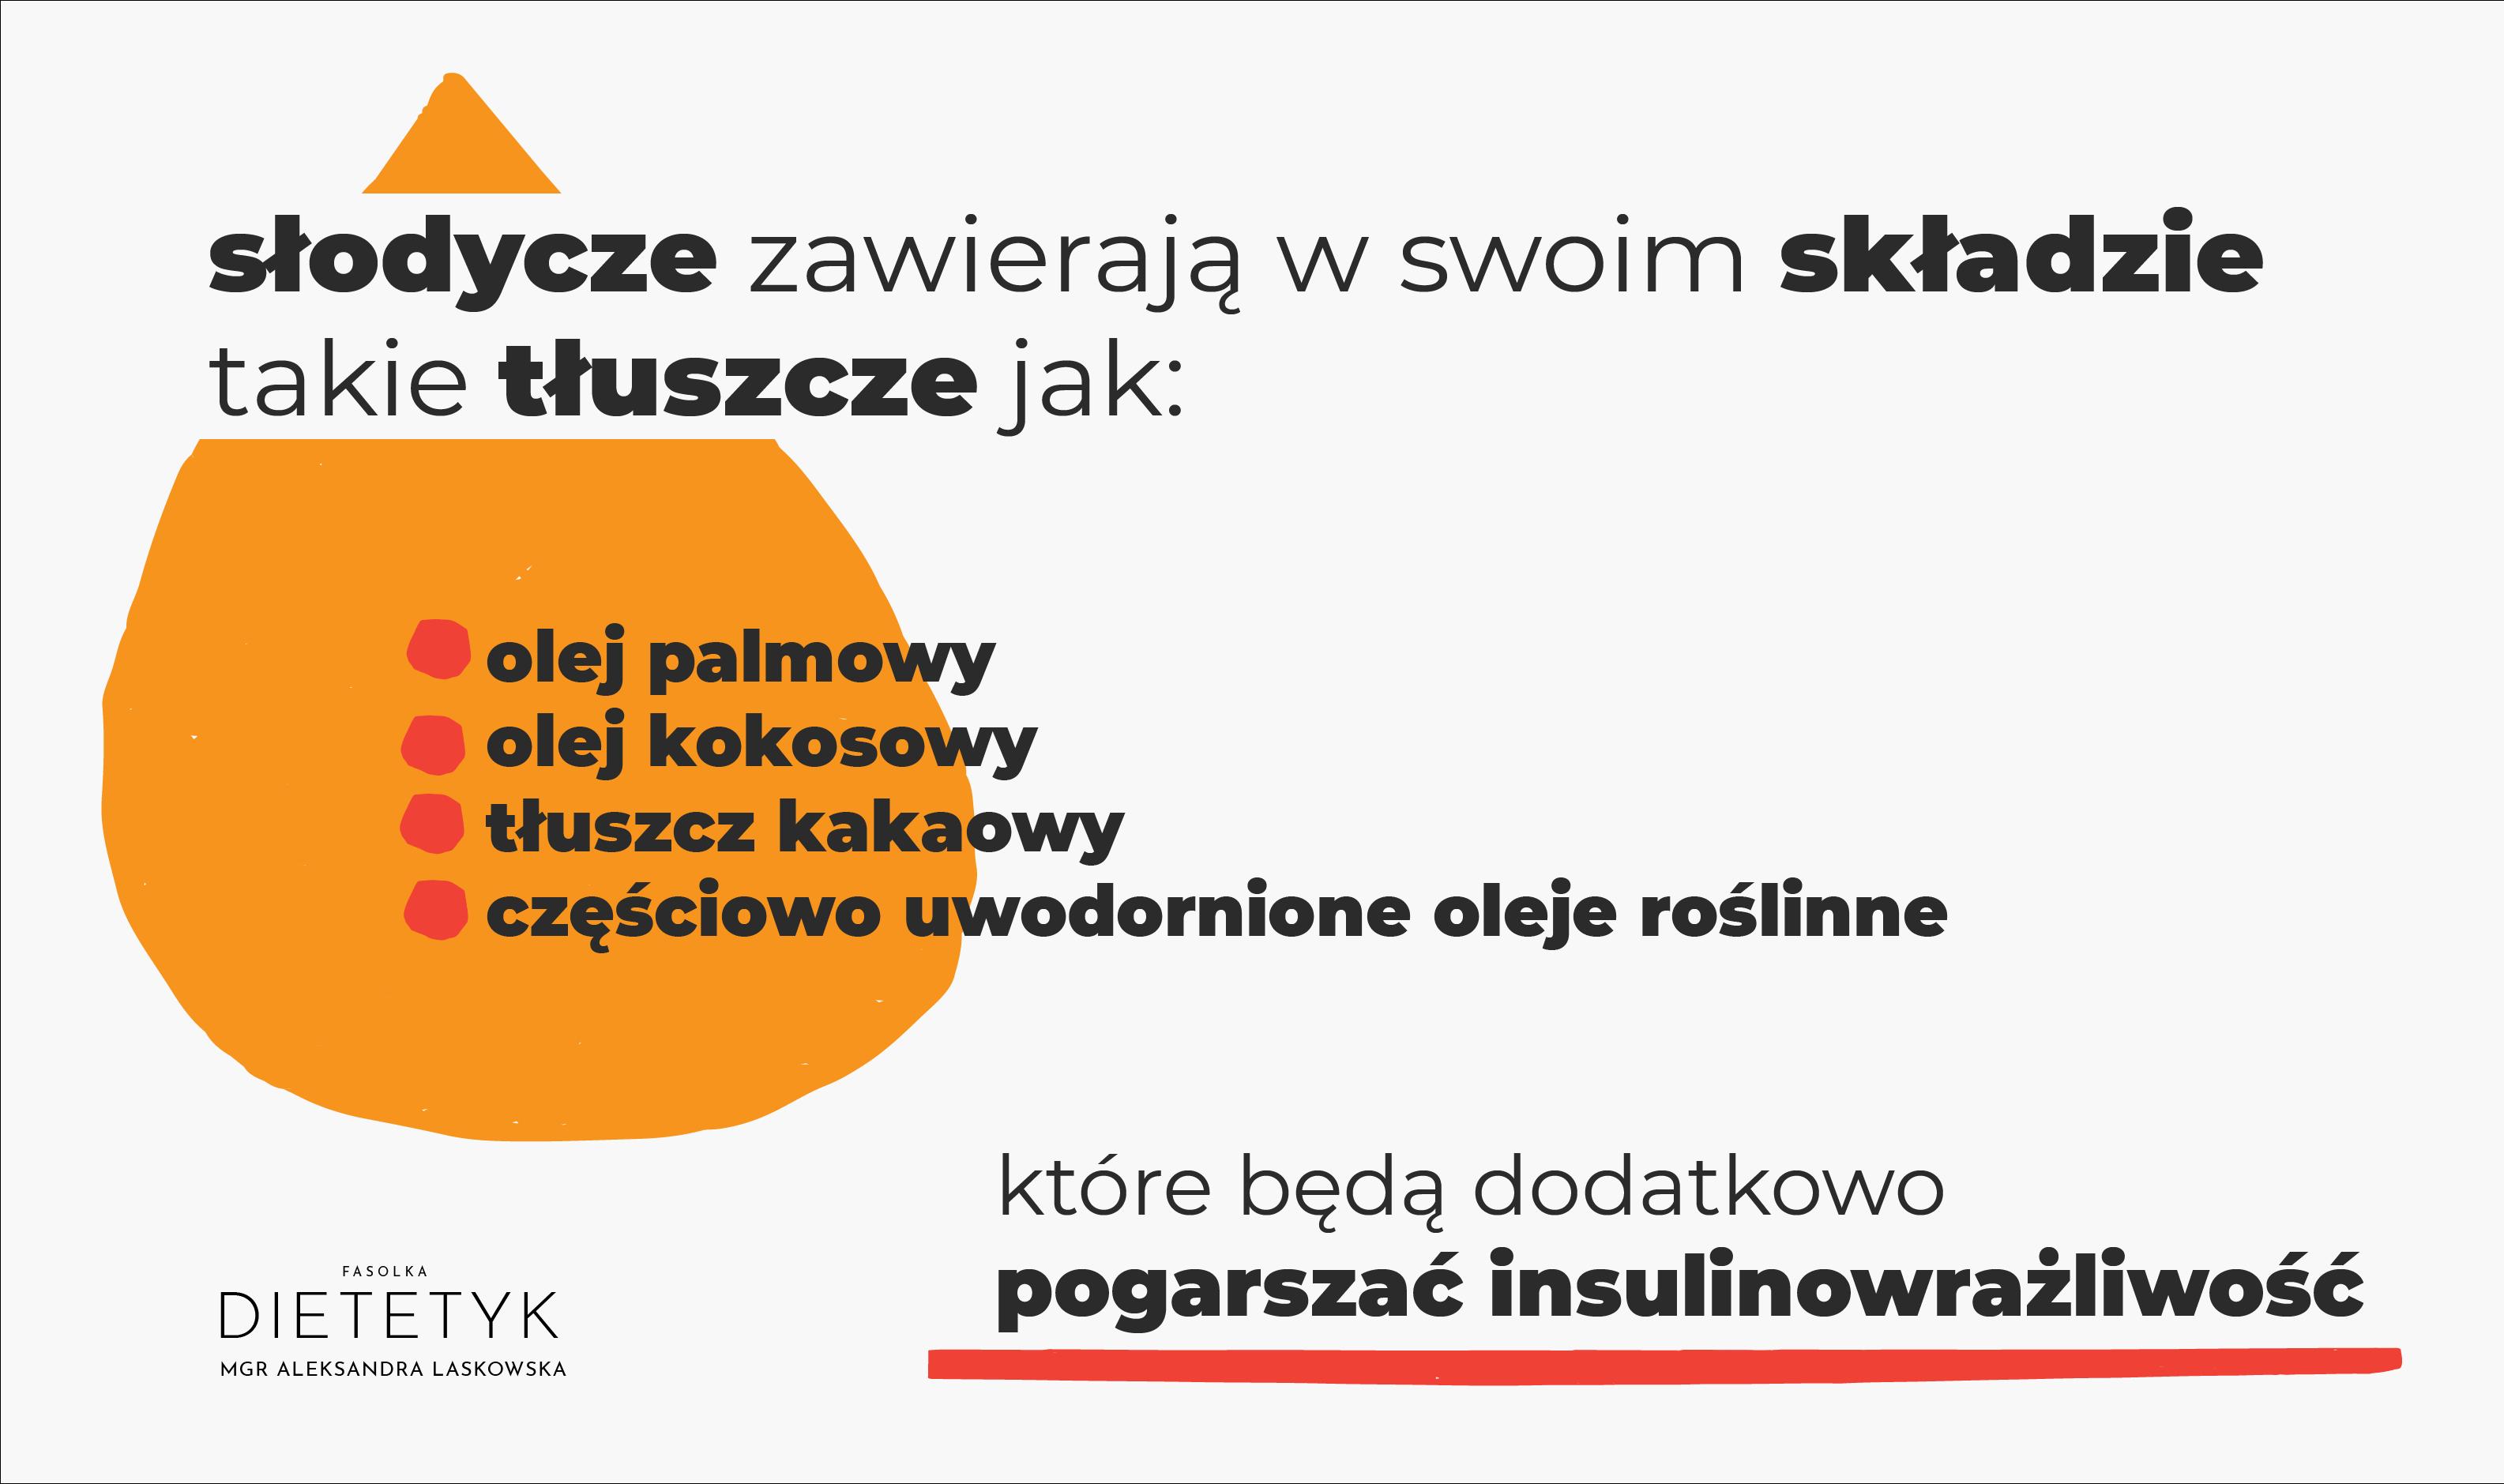 jakie tłuszcze w słodyczach, dietetyk Aleksandra Laskowska FASOLKA